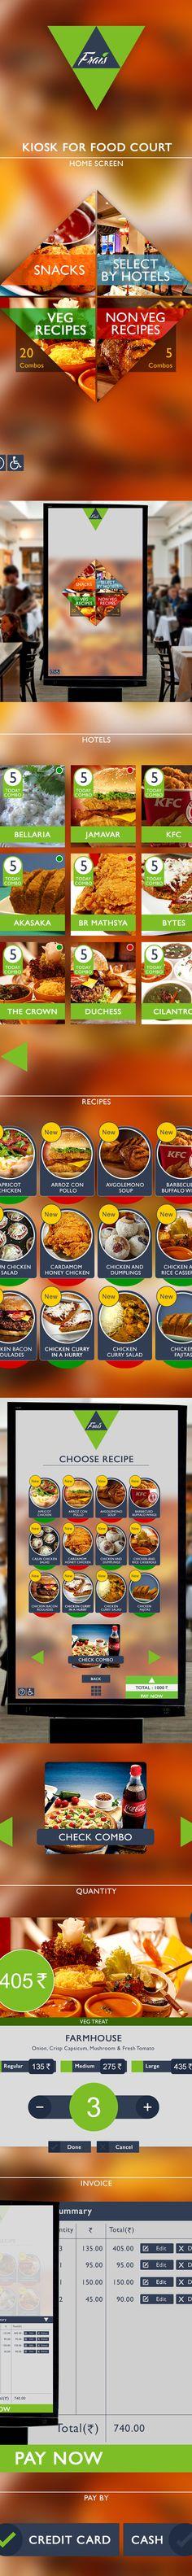 Kiosk UI/UX Design for Food Court on Behance